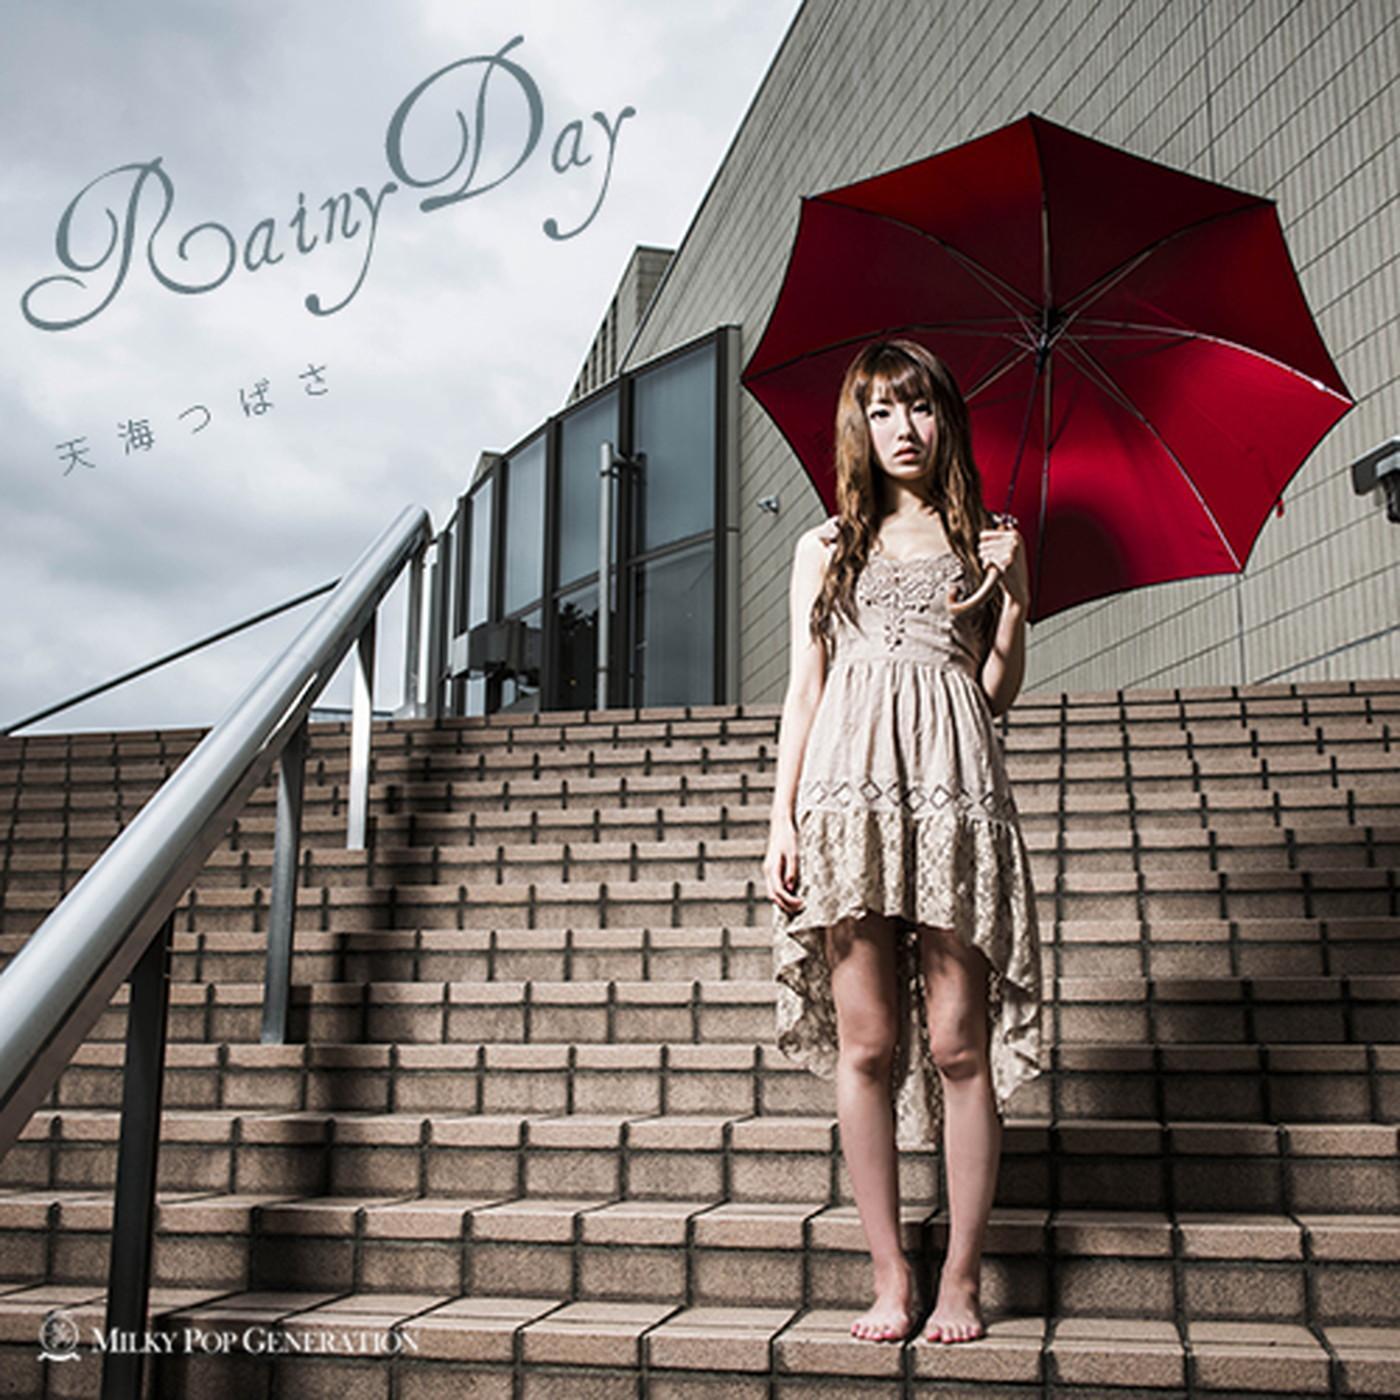 天海つばさ / Rainy Day - OTOTOY